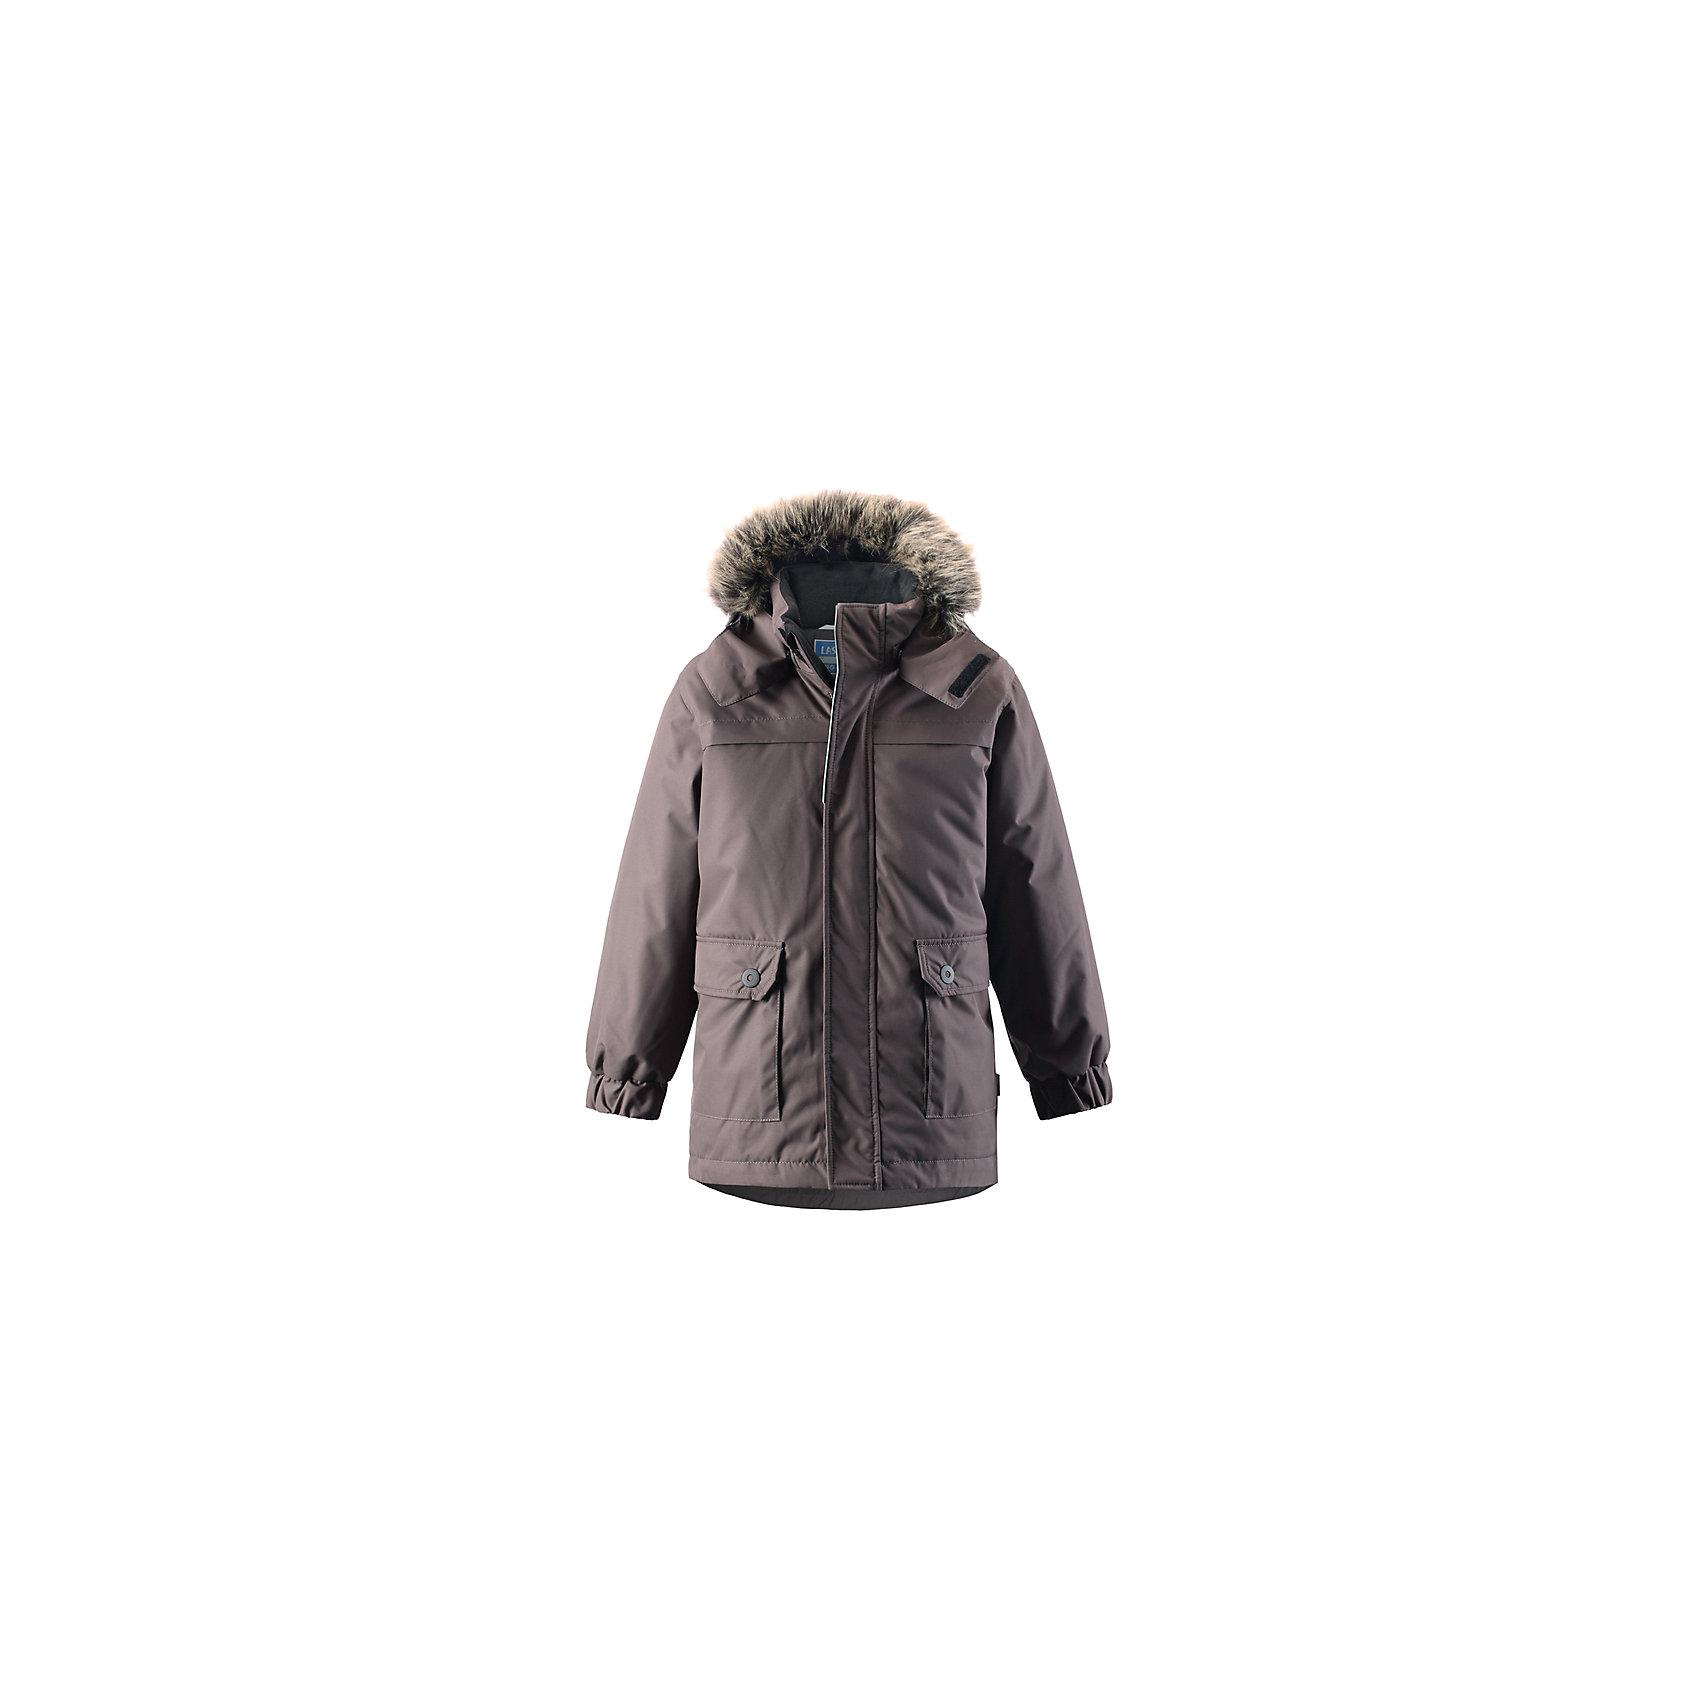 Куртка LASSIEОдежда<br>Зимняя куртка для детей известной финской марки.<br><br>- Водоотталкивающий, ветронепроницаемый, «дышащий» и грязеотталкивающий материал.<br>- Крой для девочек.<br>- Гладкая подкладка из полиэстра.<br>- Средняя степень утепления<br>-  Безопасный съемный капюшон с отсоединяемой меховой каймой из искусственного меха. <br>- Эластичные манжеты. Регулируемый обхват талии.<br>-  Карманы с клапанами. <br><br> Рекомендации по уходу: Стирать по отдельности, вывернув наизнанку. Перед стиркой отстегните искусственный мех. Застегнуть молнии и липучки. Соблюдать температуру в соответствии с руководством по уходу. Стирать моющим средством, не содержащим отбеливающие вещества. Полоскать без специального средства. Сушение в сушильном шкафу разрешено при  низкой температуре.<br><br>Состав: 100% Полиамид, полиуретановое покрытие.  Утеплитель «Lassie wadding» 180гр.<br><br>Ширина мм: 356<br>Глубина мм: 10<br>Высота мм: 245<br>Вес г: 519<br>Цвет: темно-коричневый<br>Возраст от месяцев: 48<br>Возраст до месяцев: 60<br>Пол: Унисекс<br>Возраст: Детский<br>Размер: 110,140,92,98,104,116,122,128,134<br>SKU: 4782358